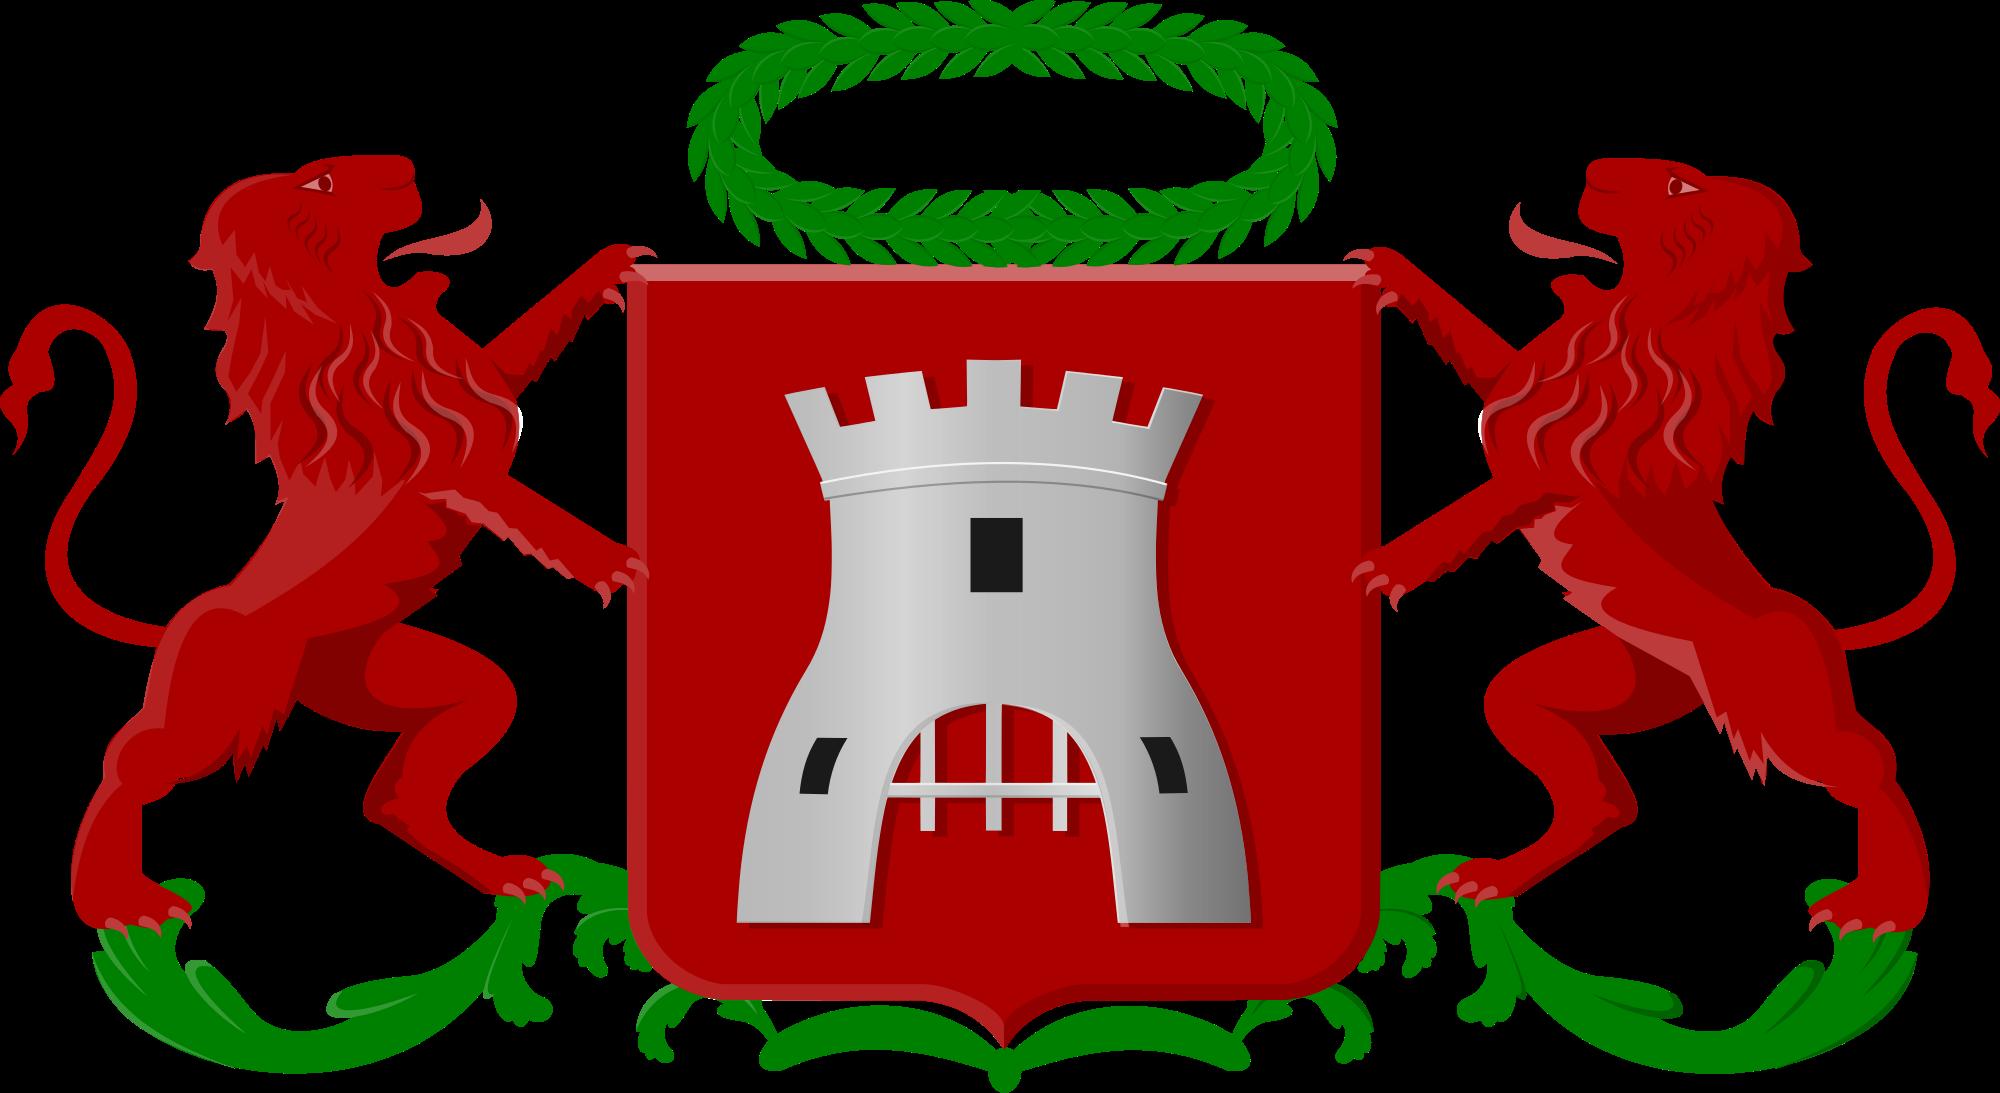 File:Alkmaar wapen 1816.svg.